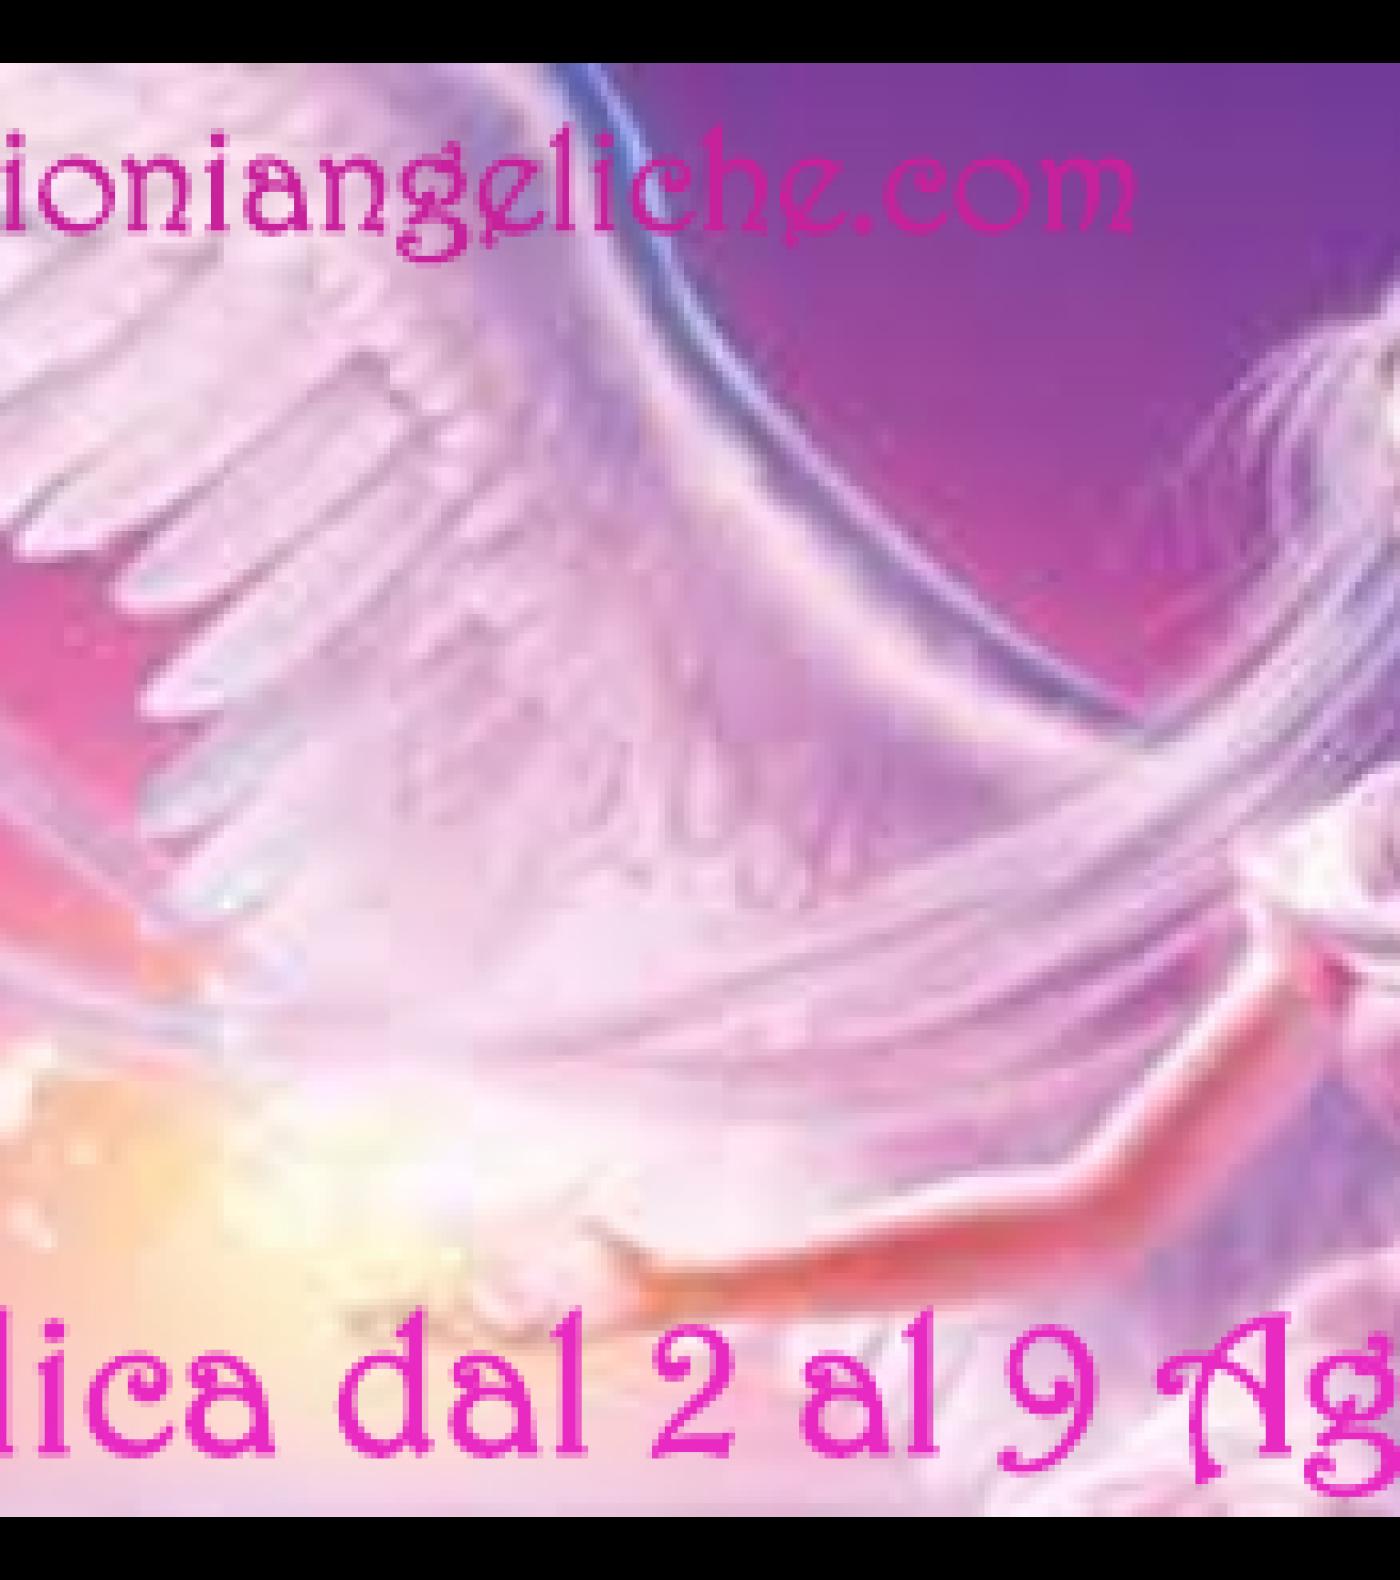 LETTURA ANGELICA SETTIMANALE CON L' ARCANGELO MICHELE DAL 2 AL 9 AGOSTO 2020 – FAI CHIAREZZA DENTRO DI TE!